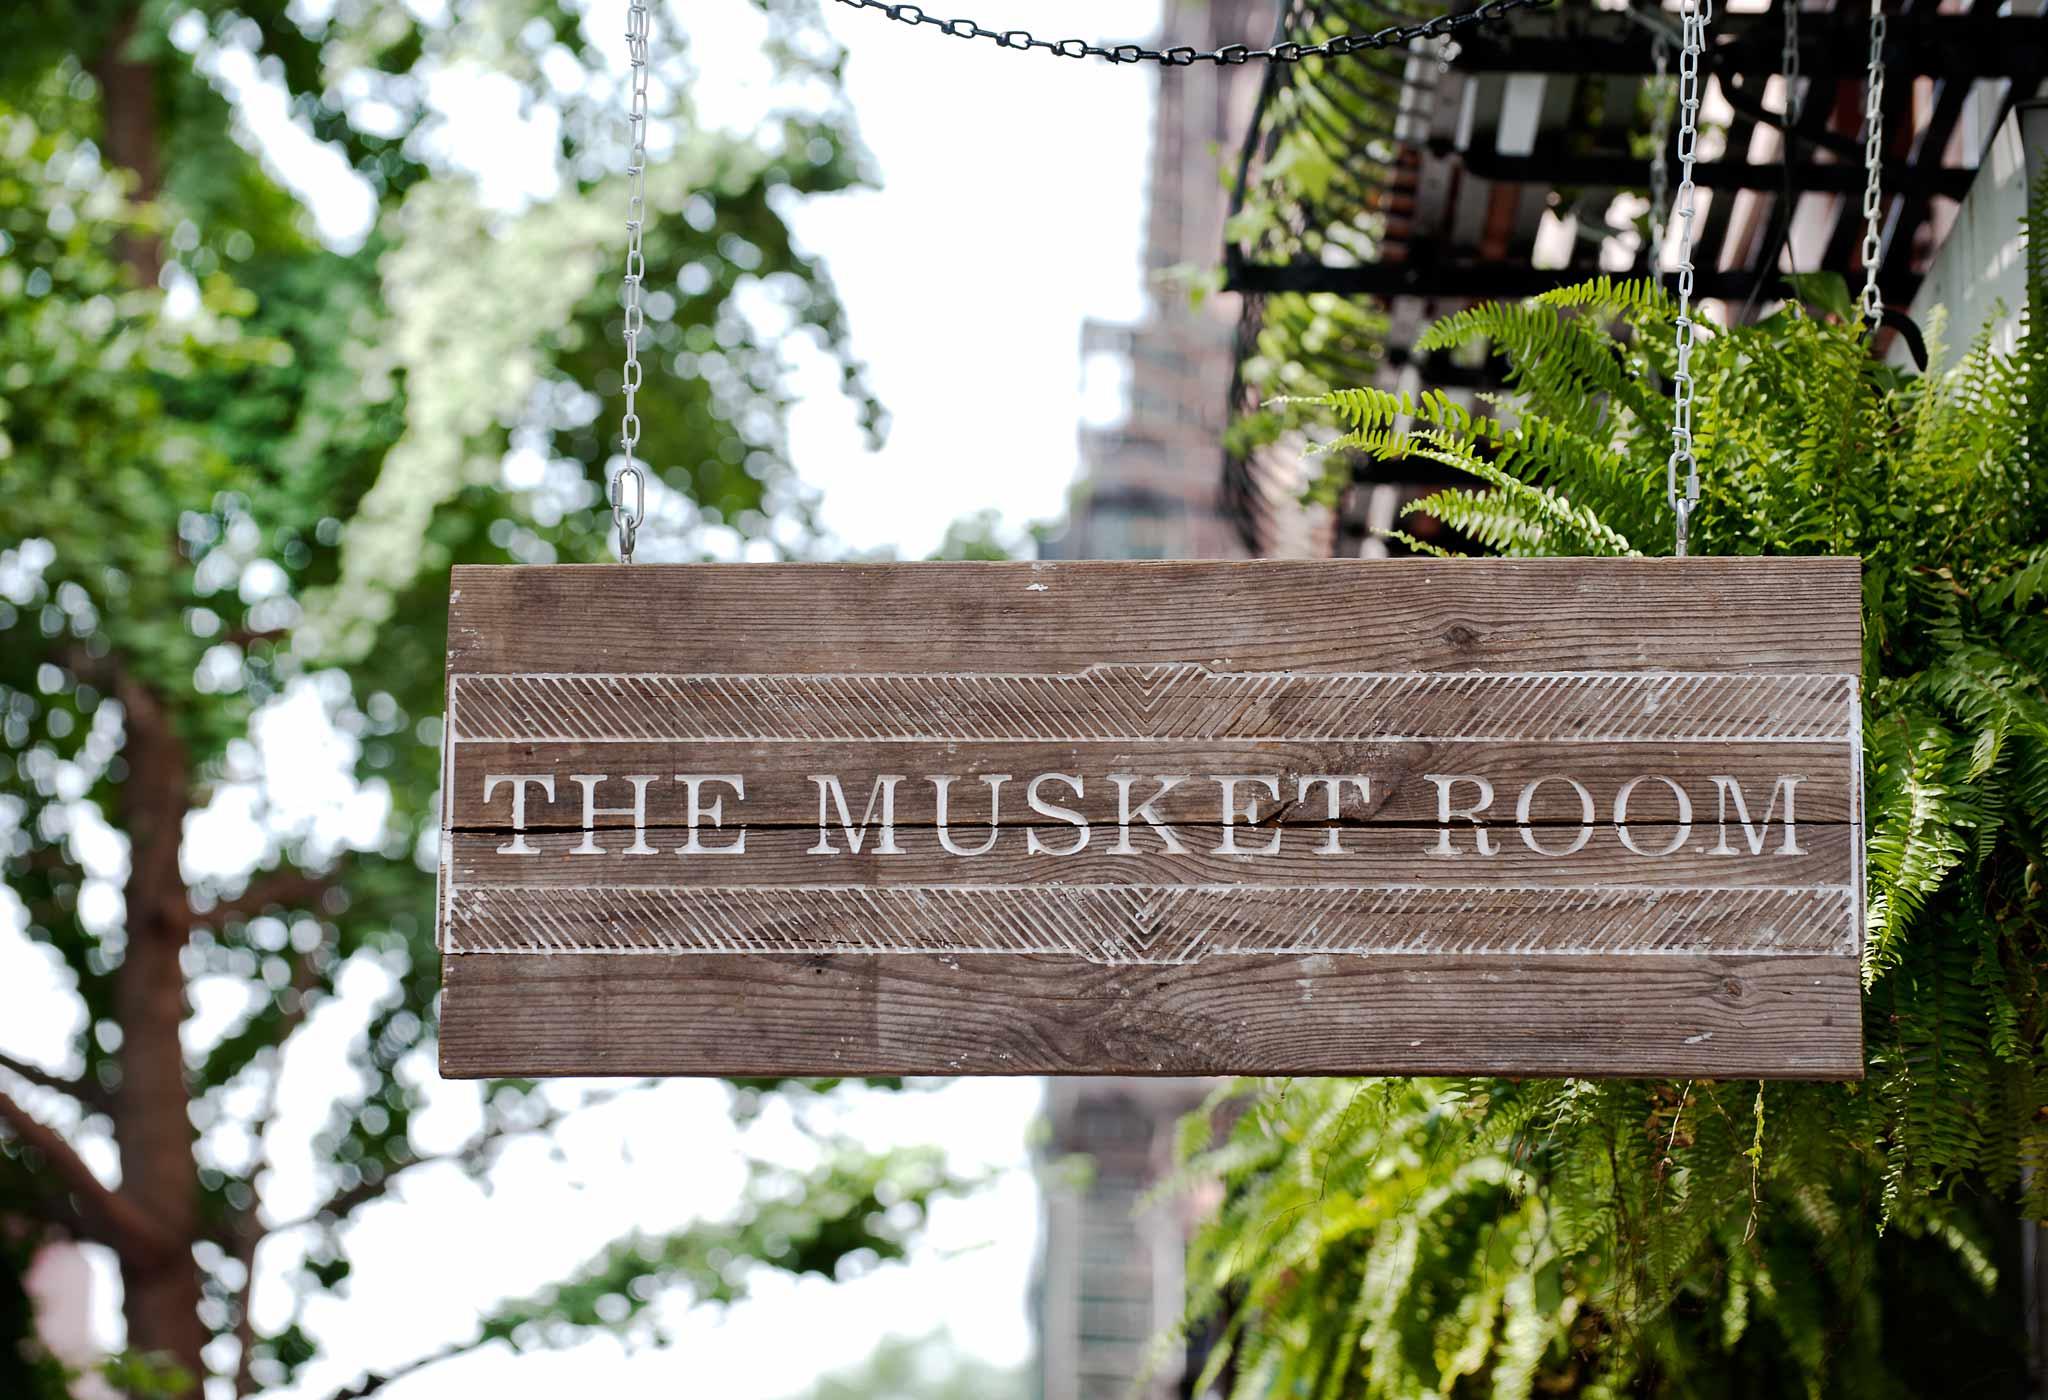 La terrasse aménagée du Musket Room à NYC